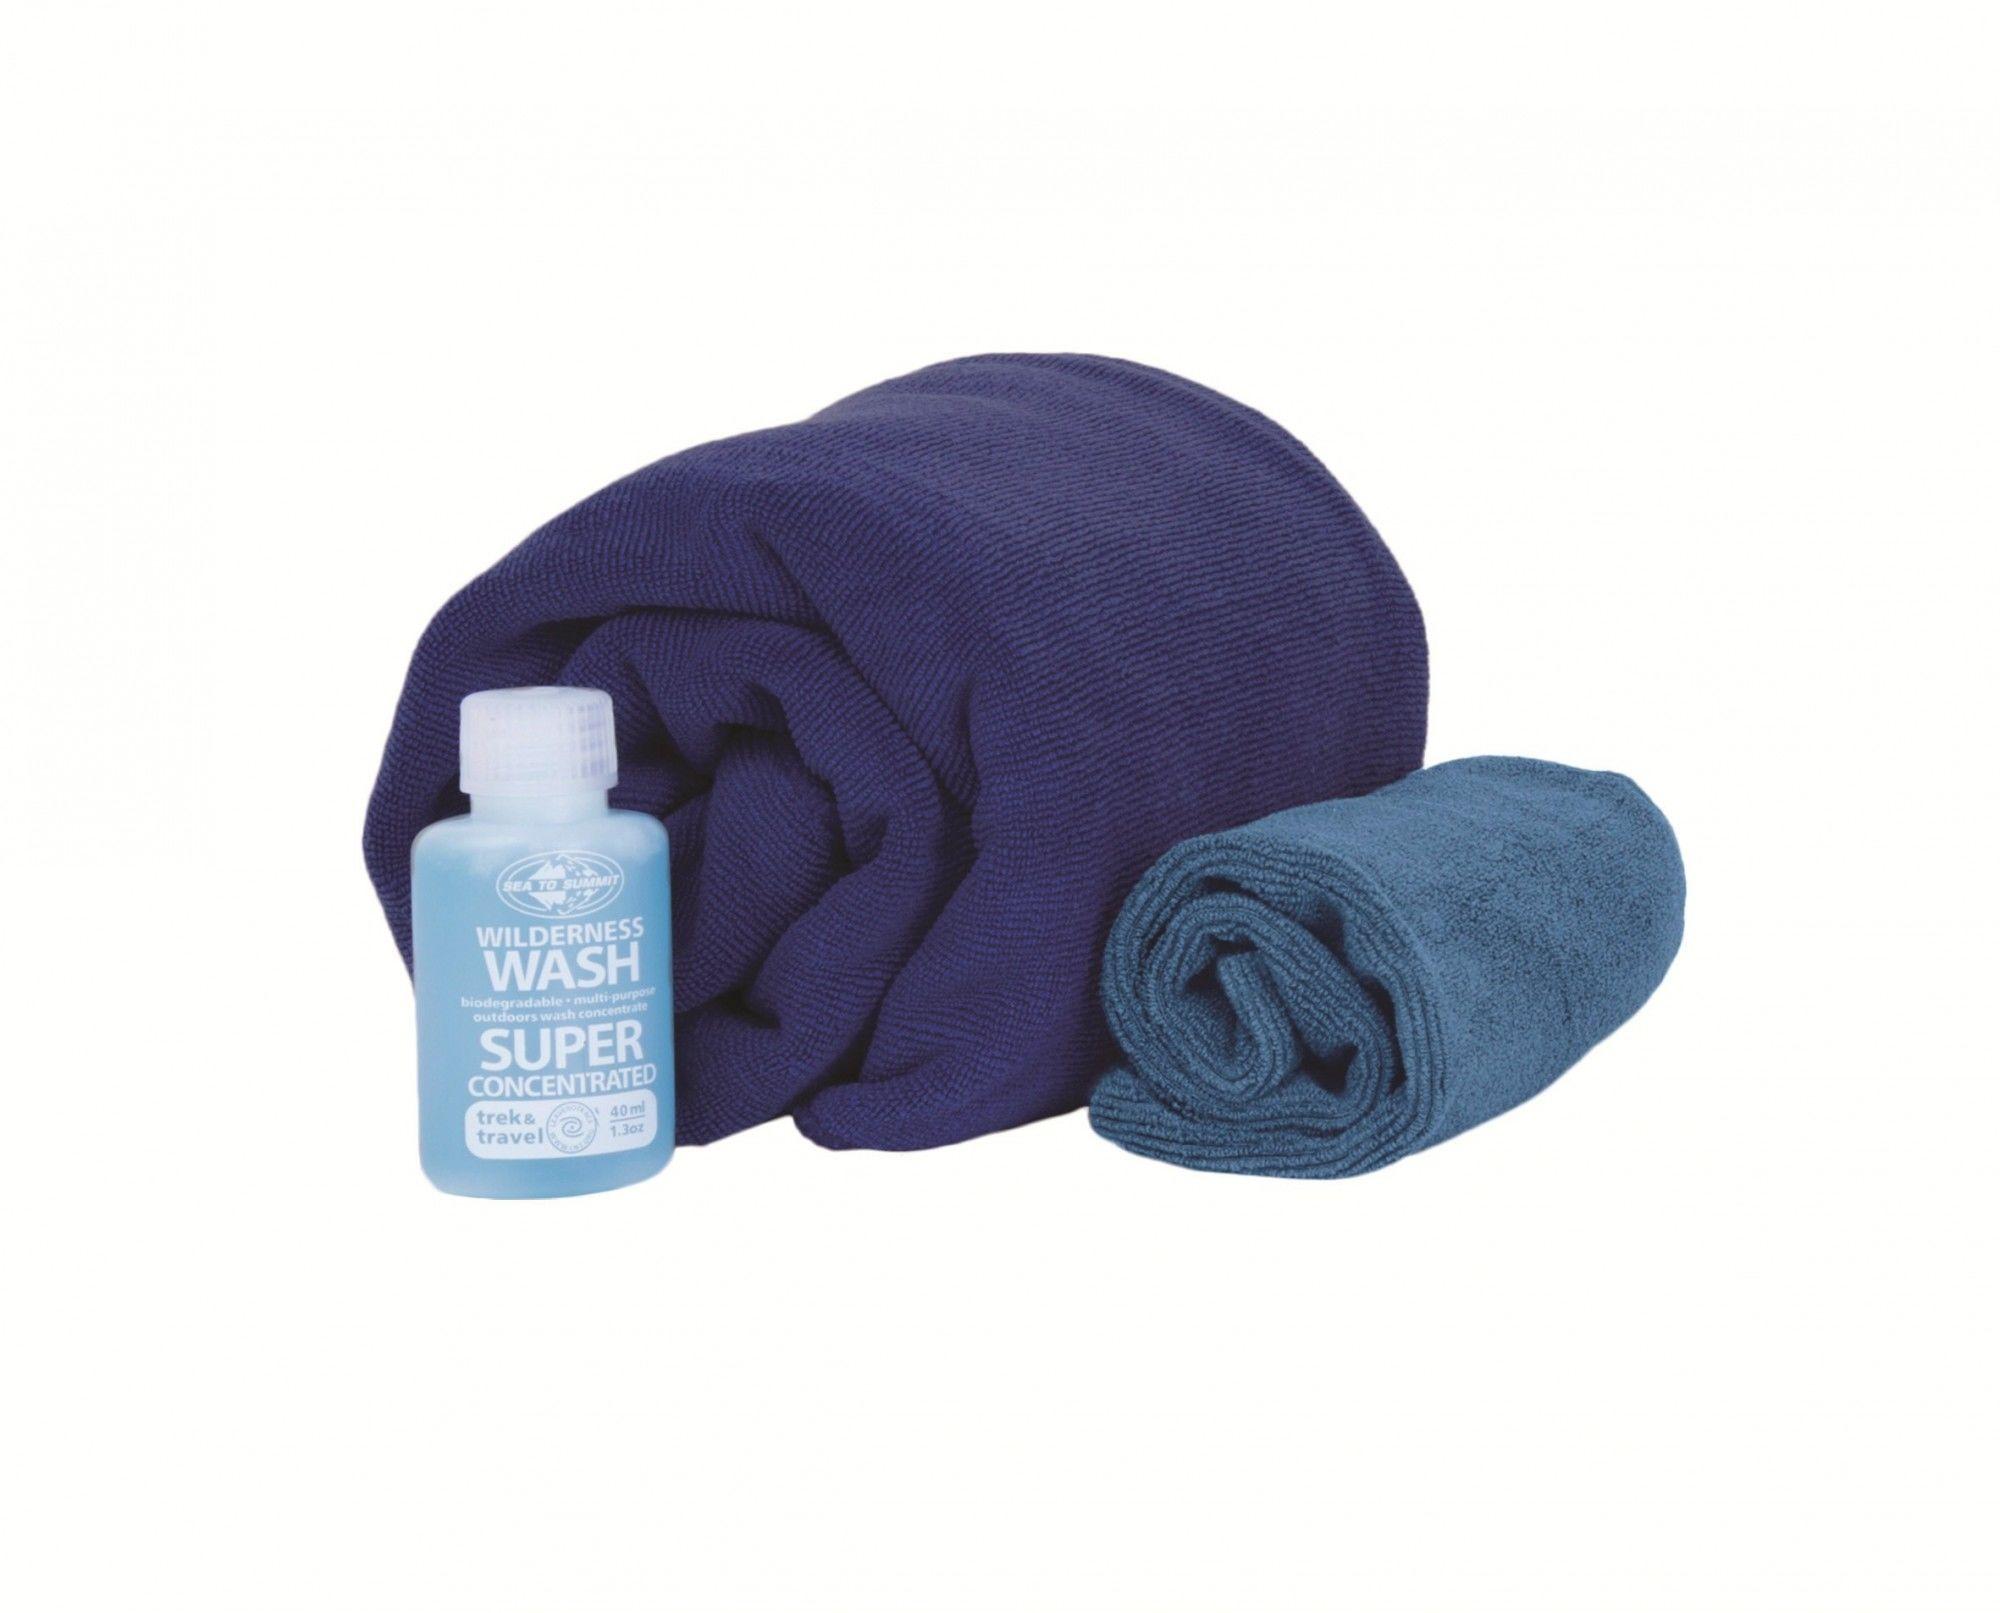 Sea to Summit TEK Towel Wash KIt XL Blau, Sonstige Taschen, One Size